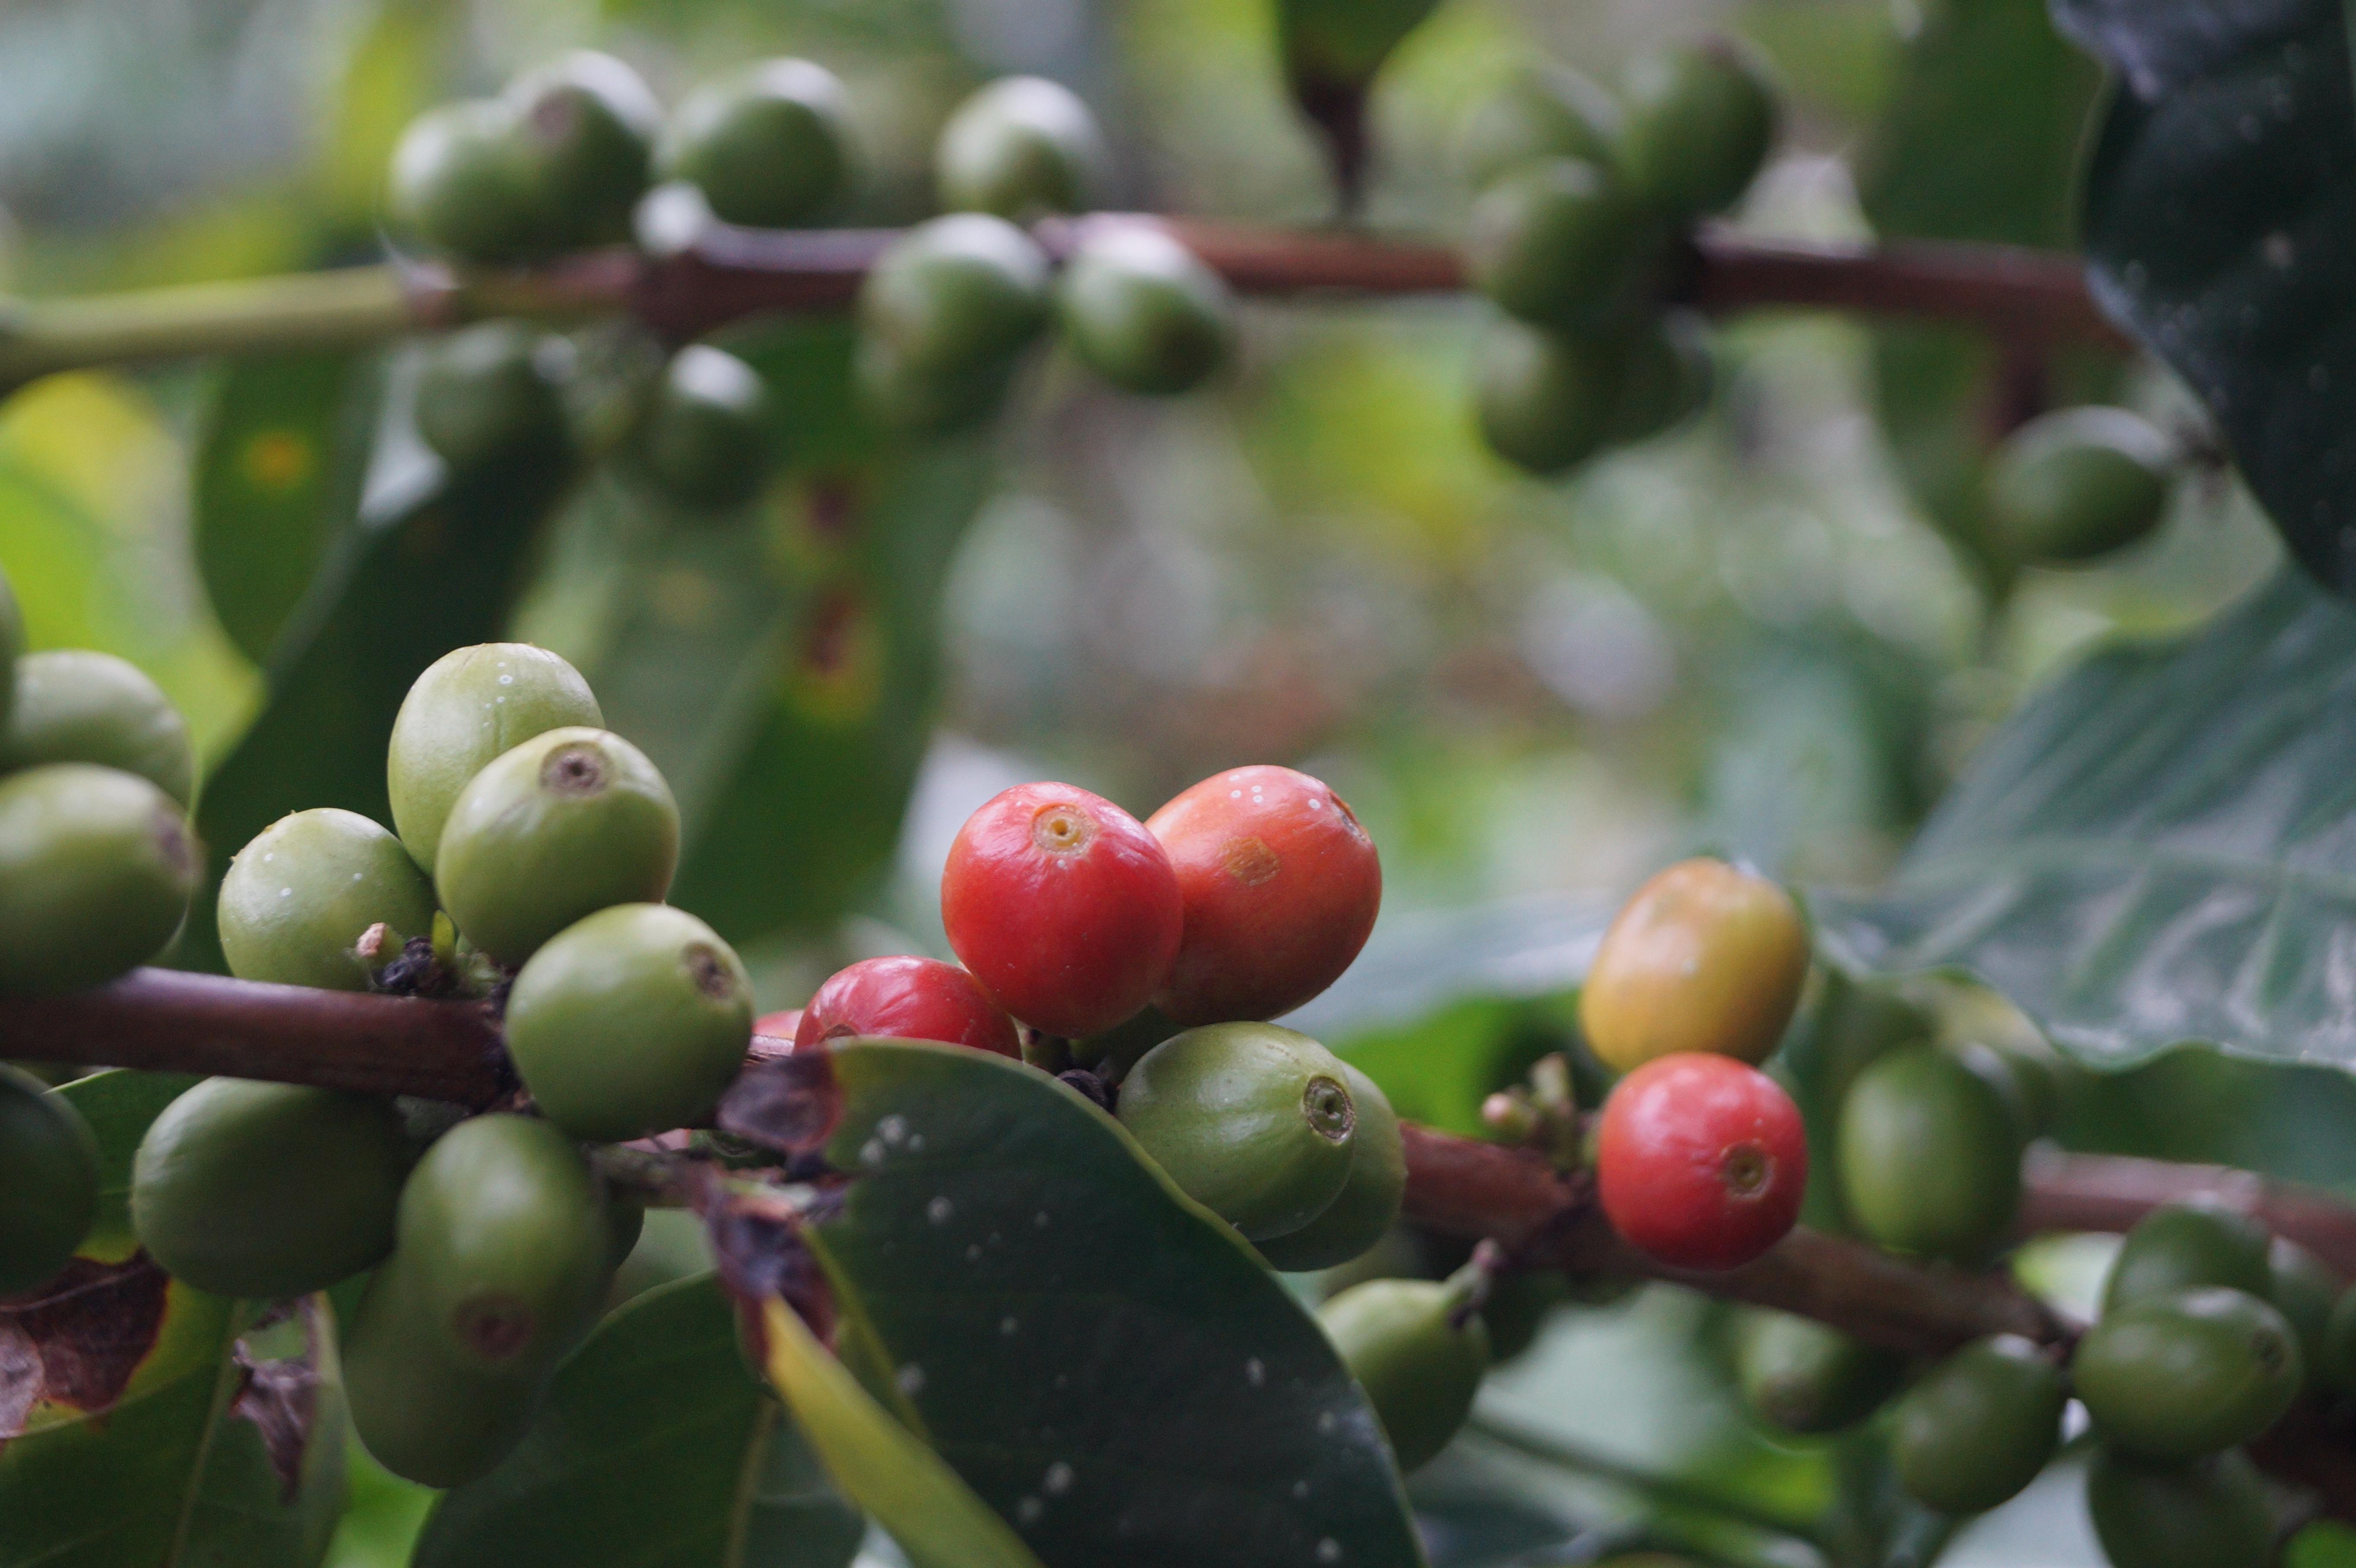 banco de imagens ramo plantar fruta flor gr o de caf comida produzir evergreen flora. Black Bedroom Furniture Sets. Home Design Ideas